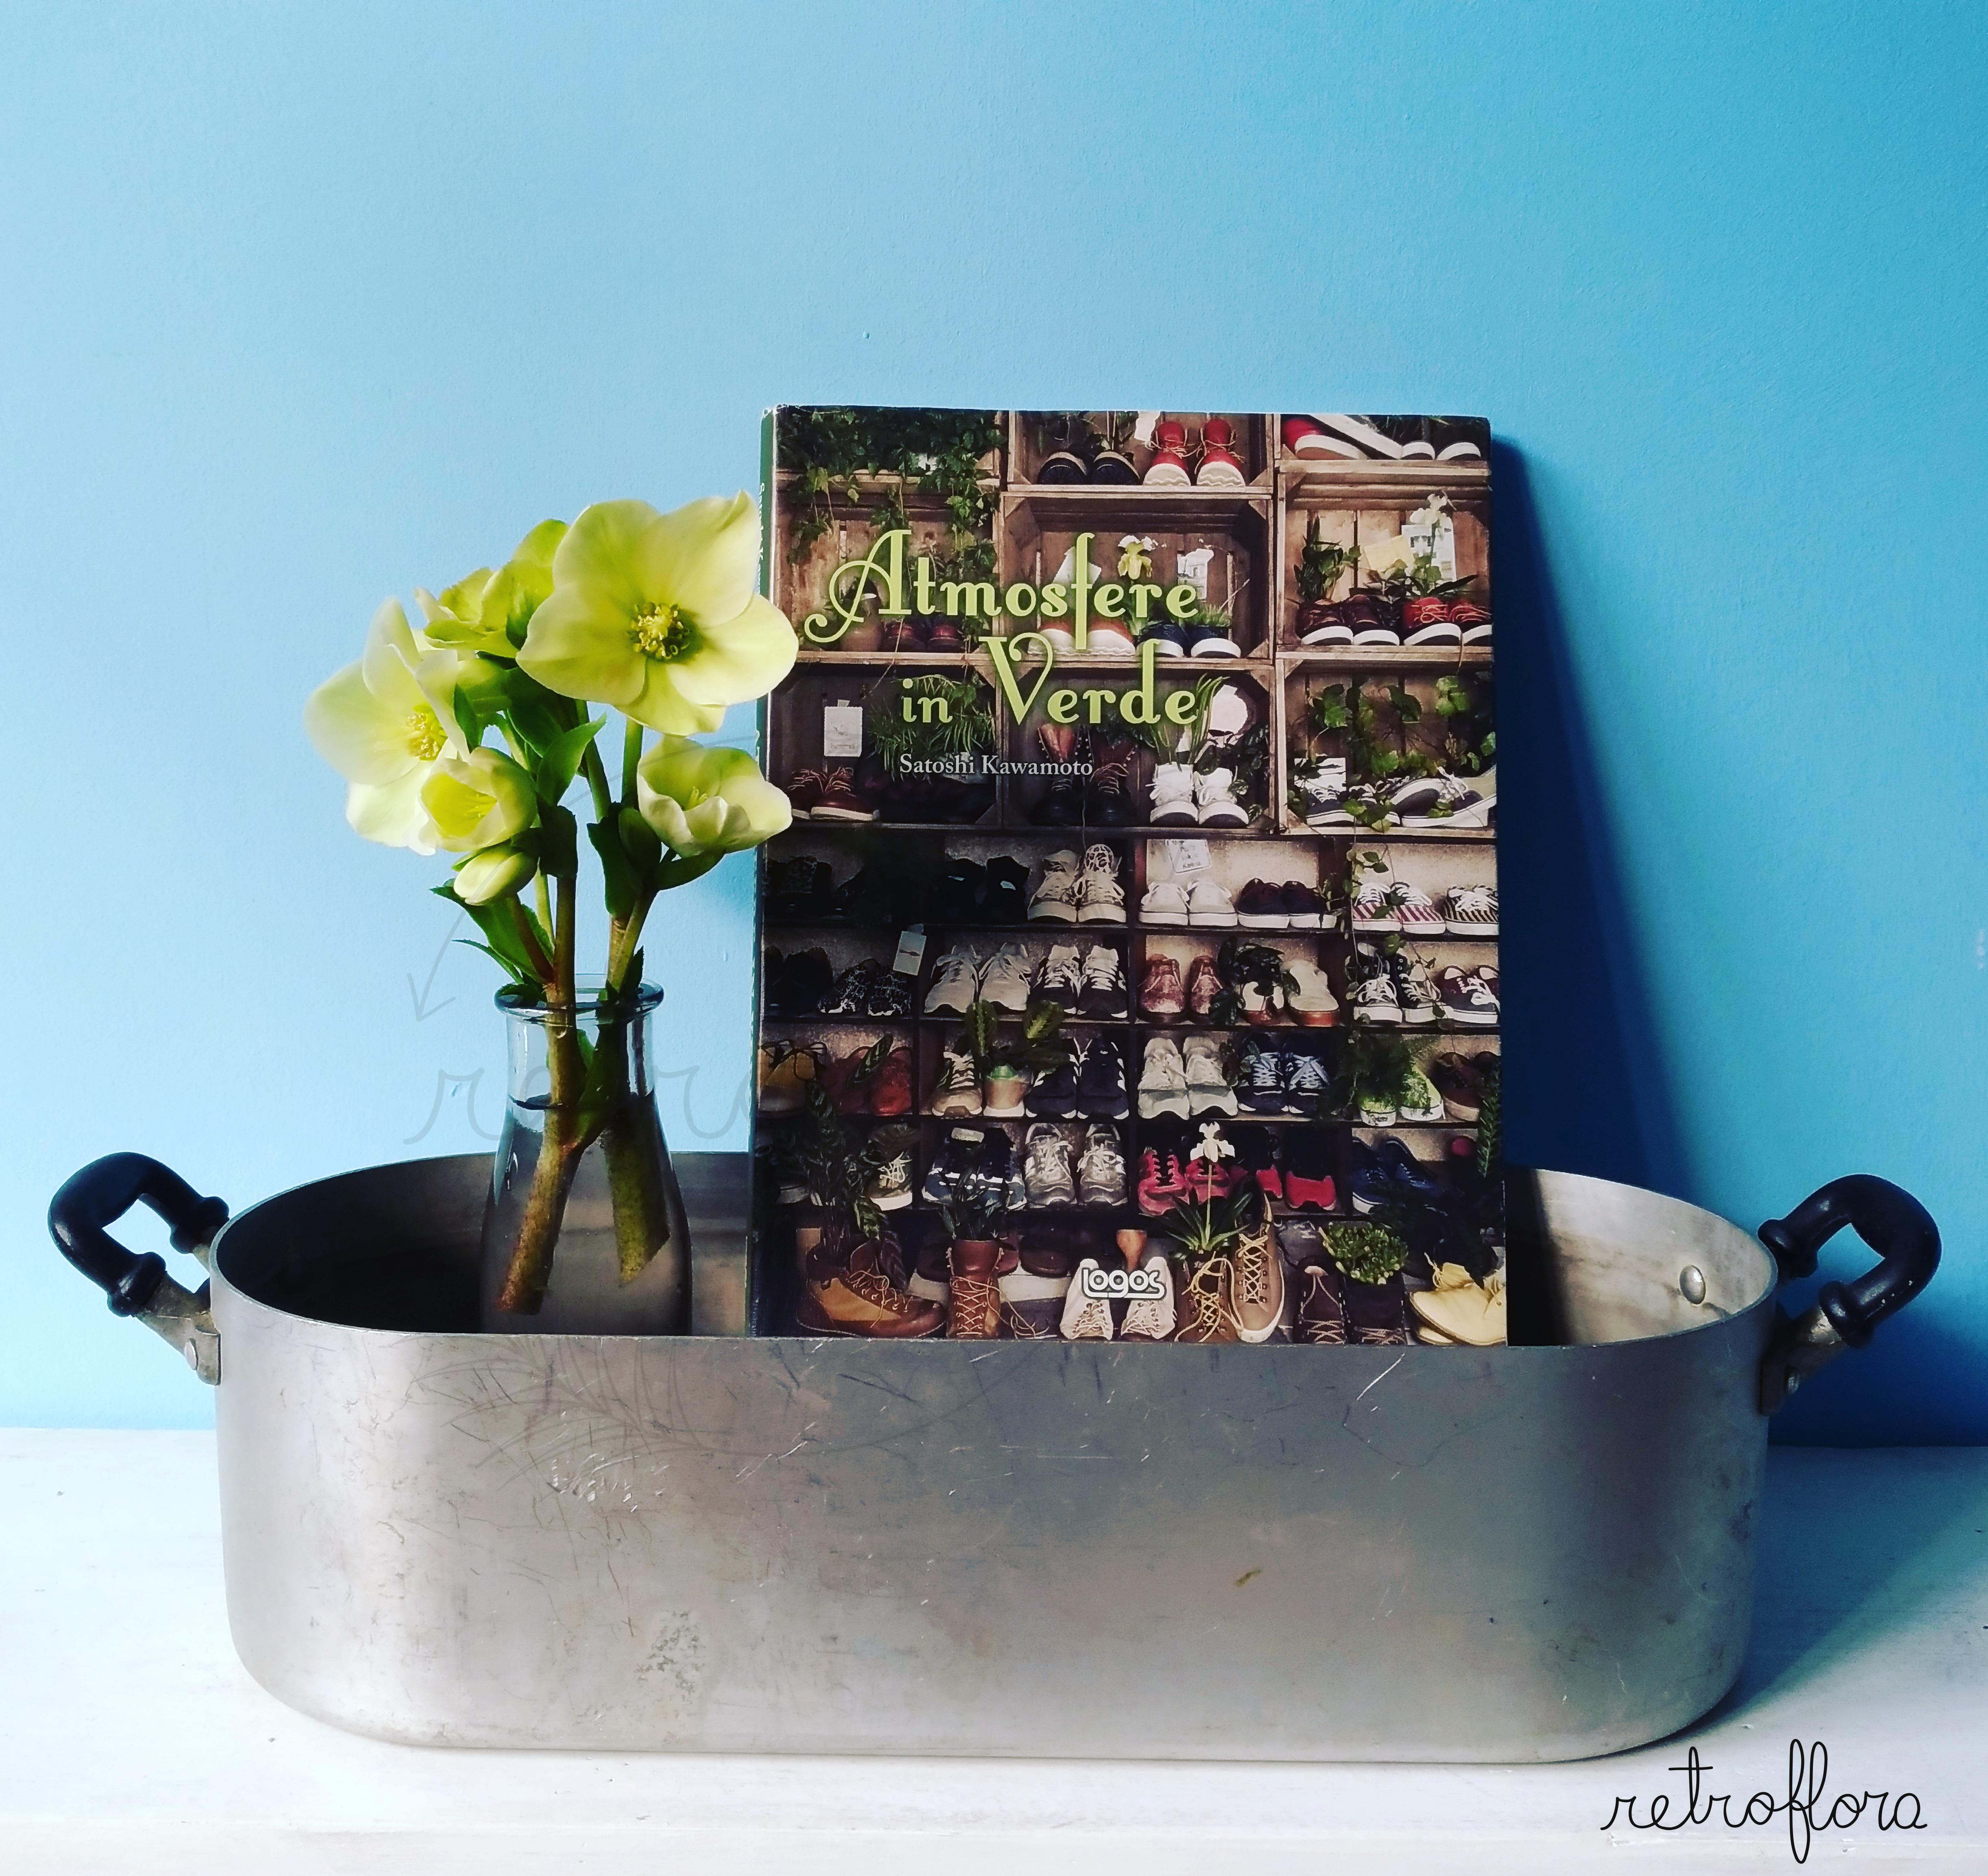 Atmosfere in Verde, Libro, Recensione, Satoshi Kawamoto, Deco Room with Plants, Libro sui Fiori